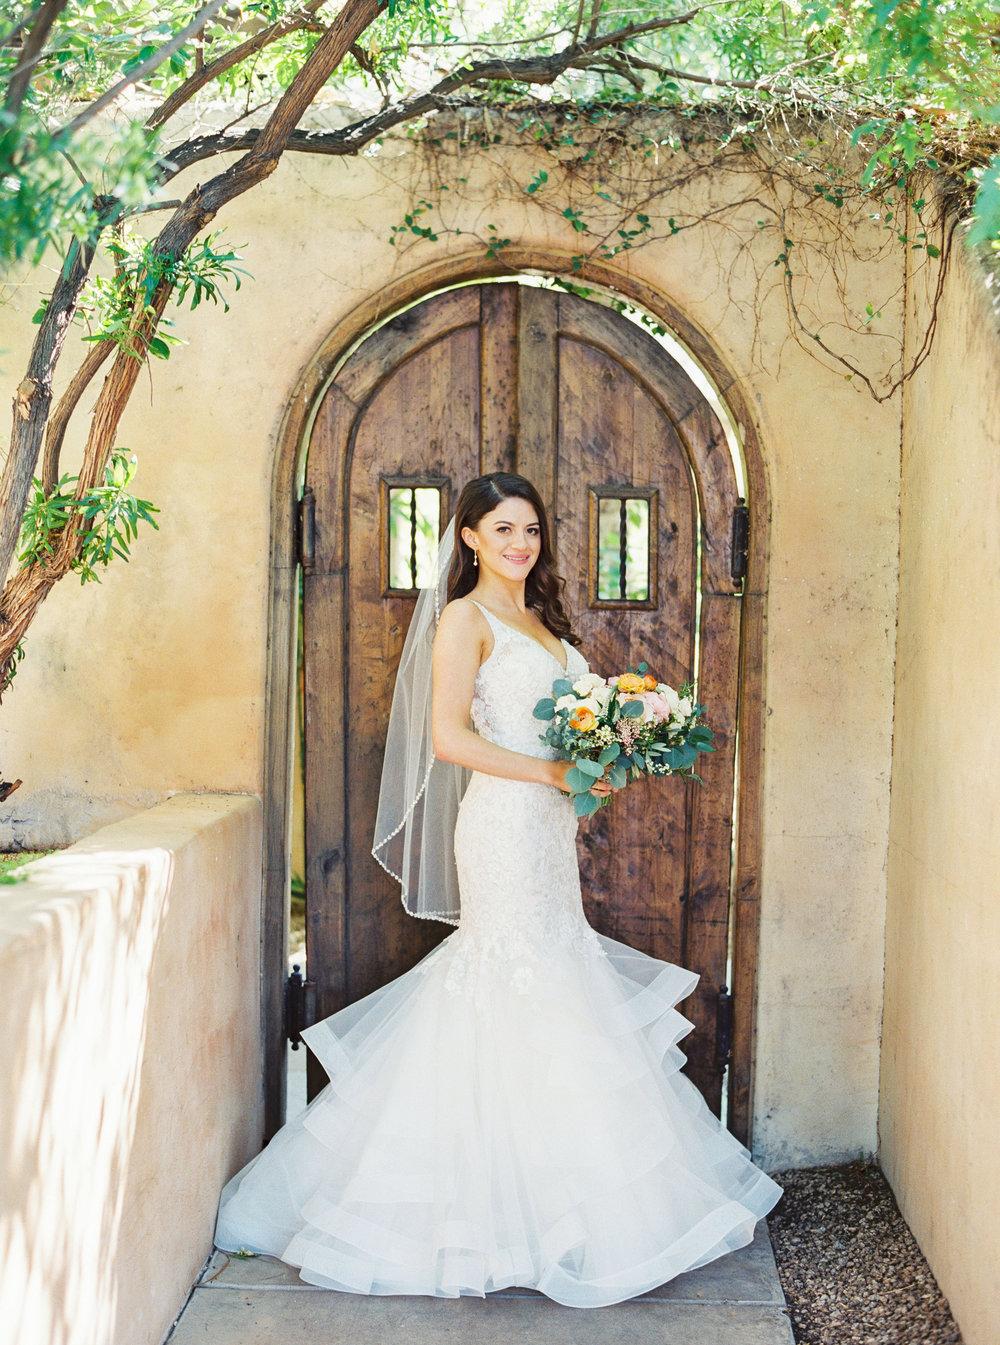 BrideGroom-09-2.jpg